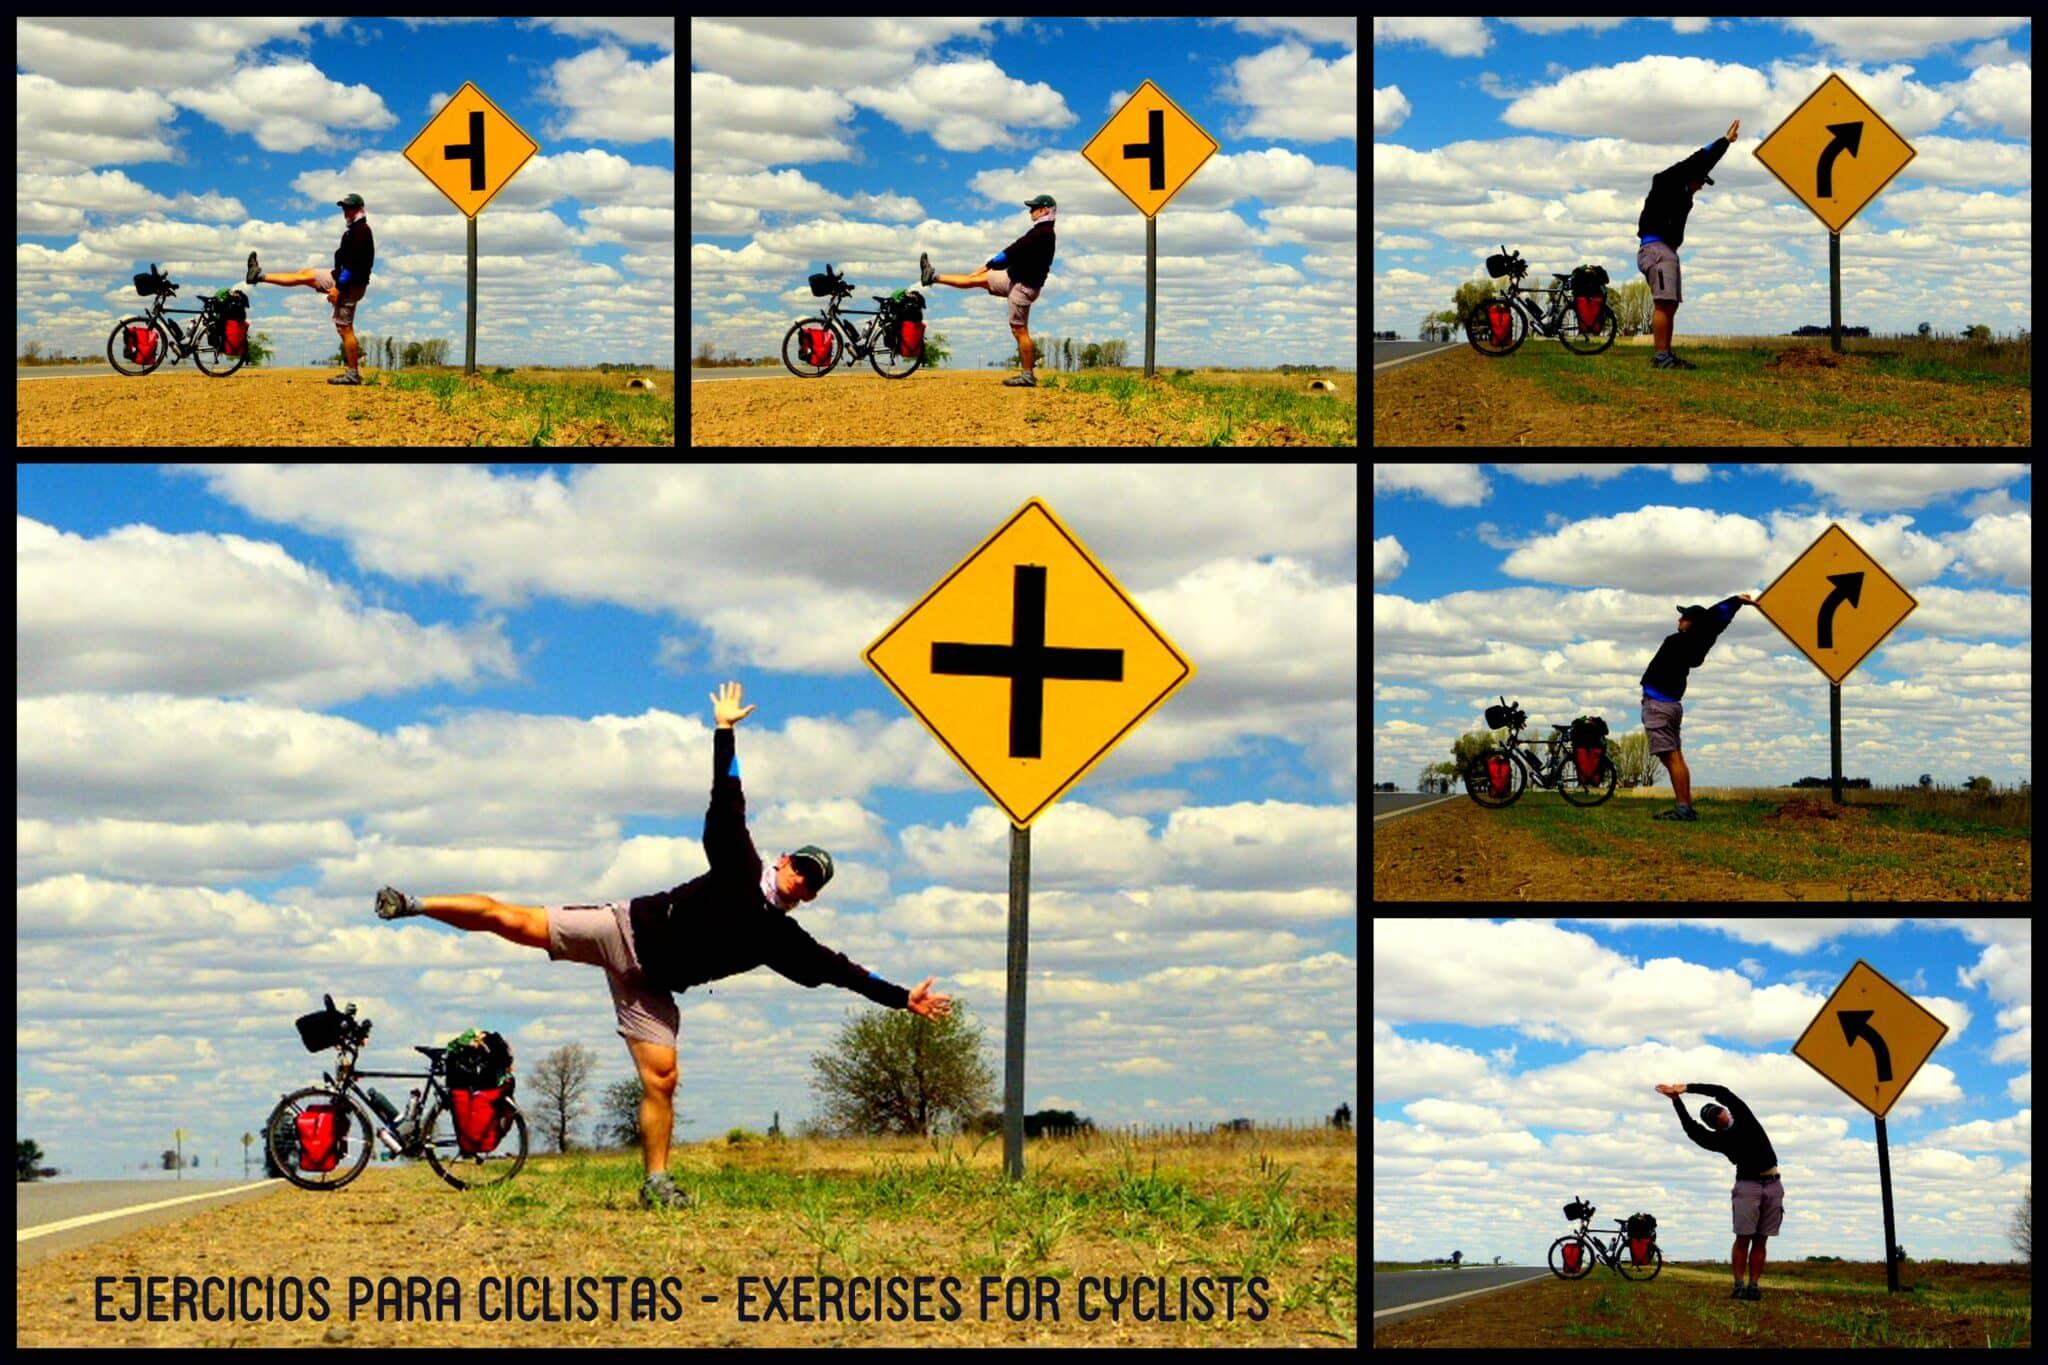 2013-09-25 collage ejercicios para ciclistas